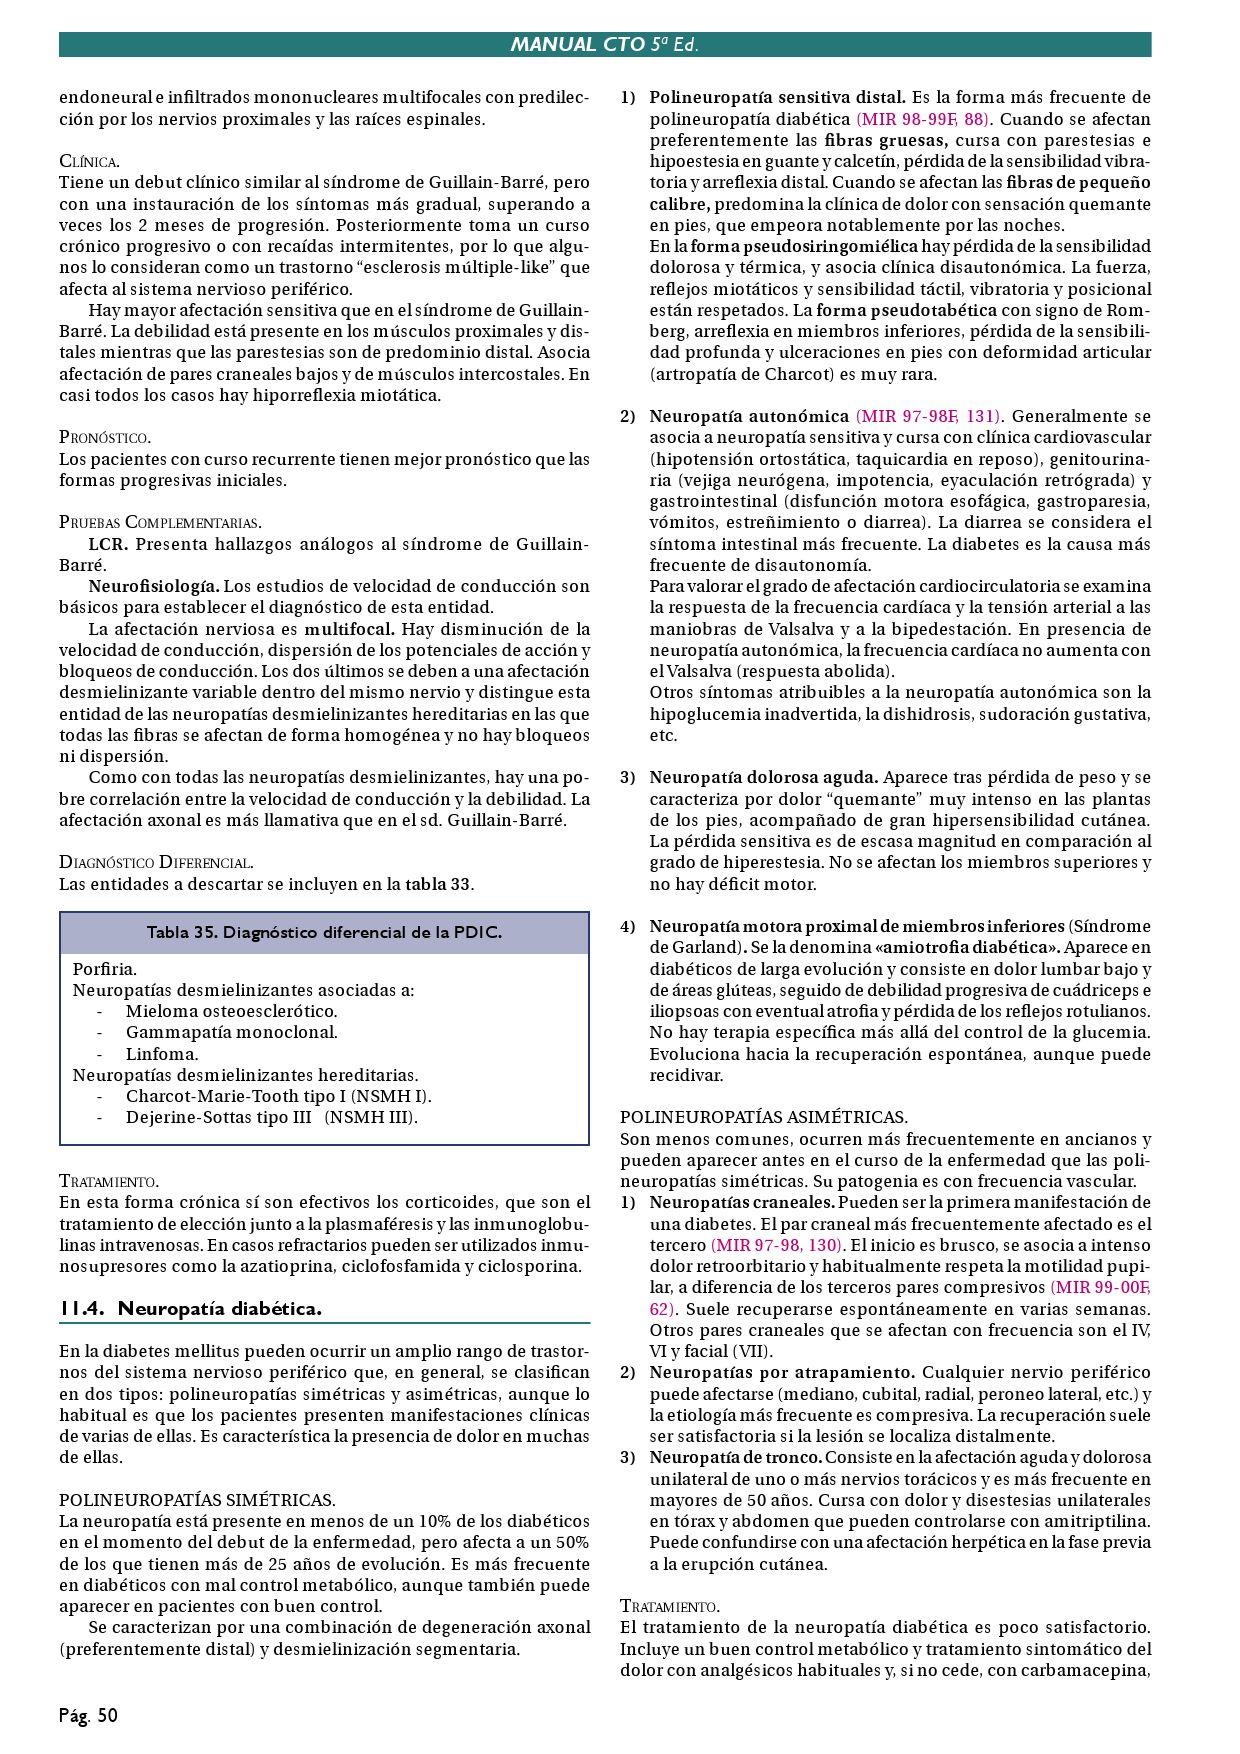 neuropatía craneal en diabetes